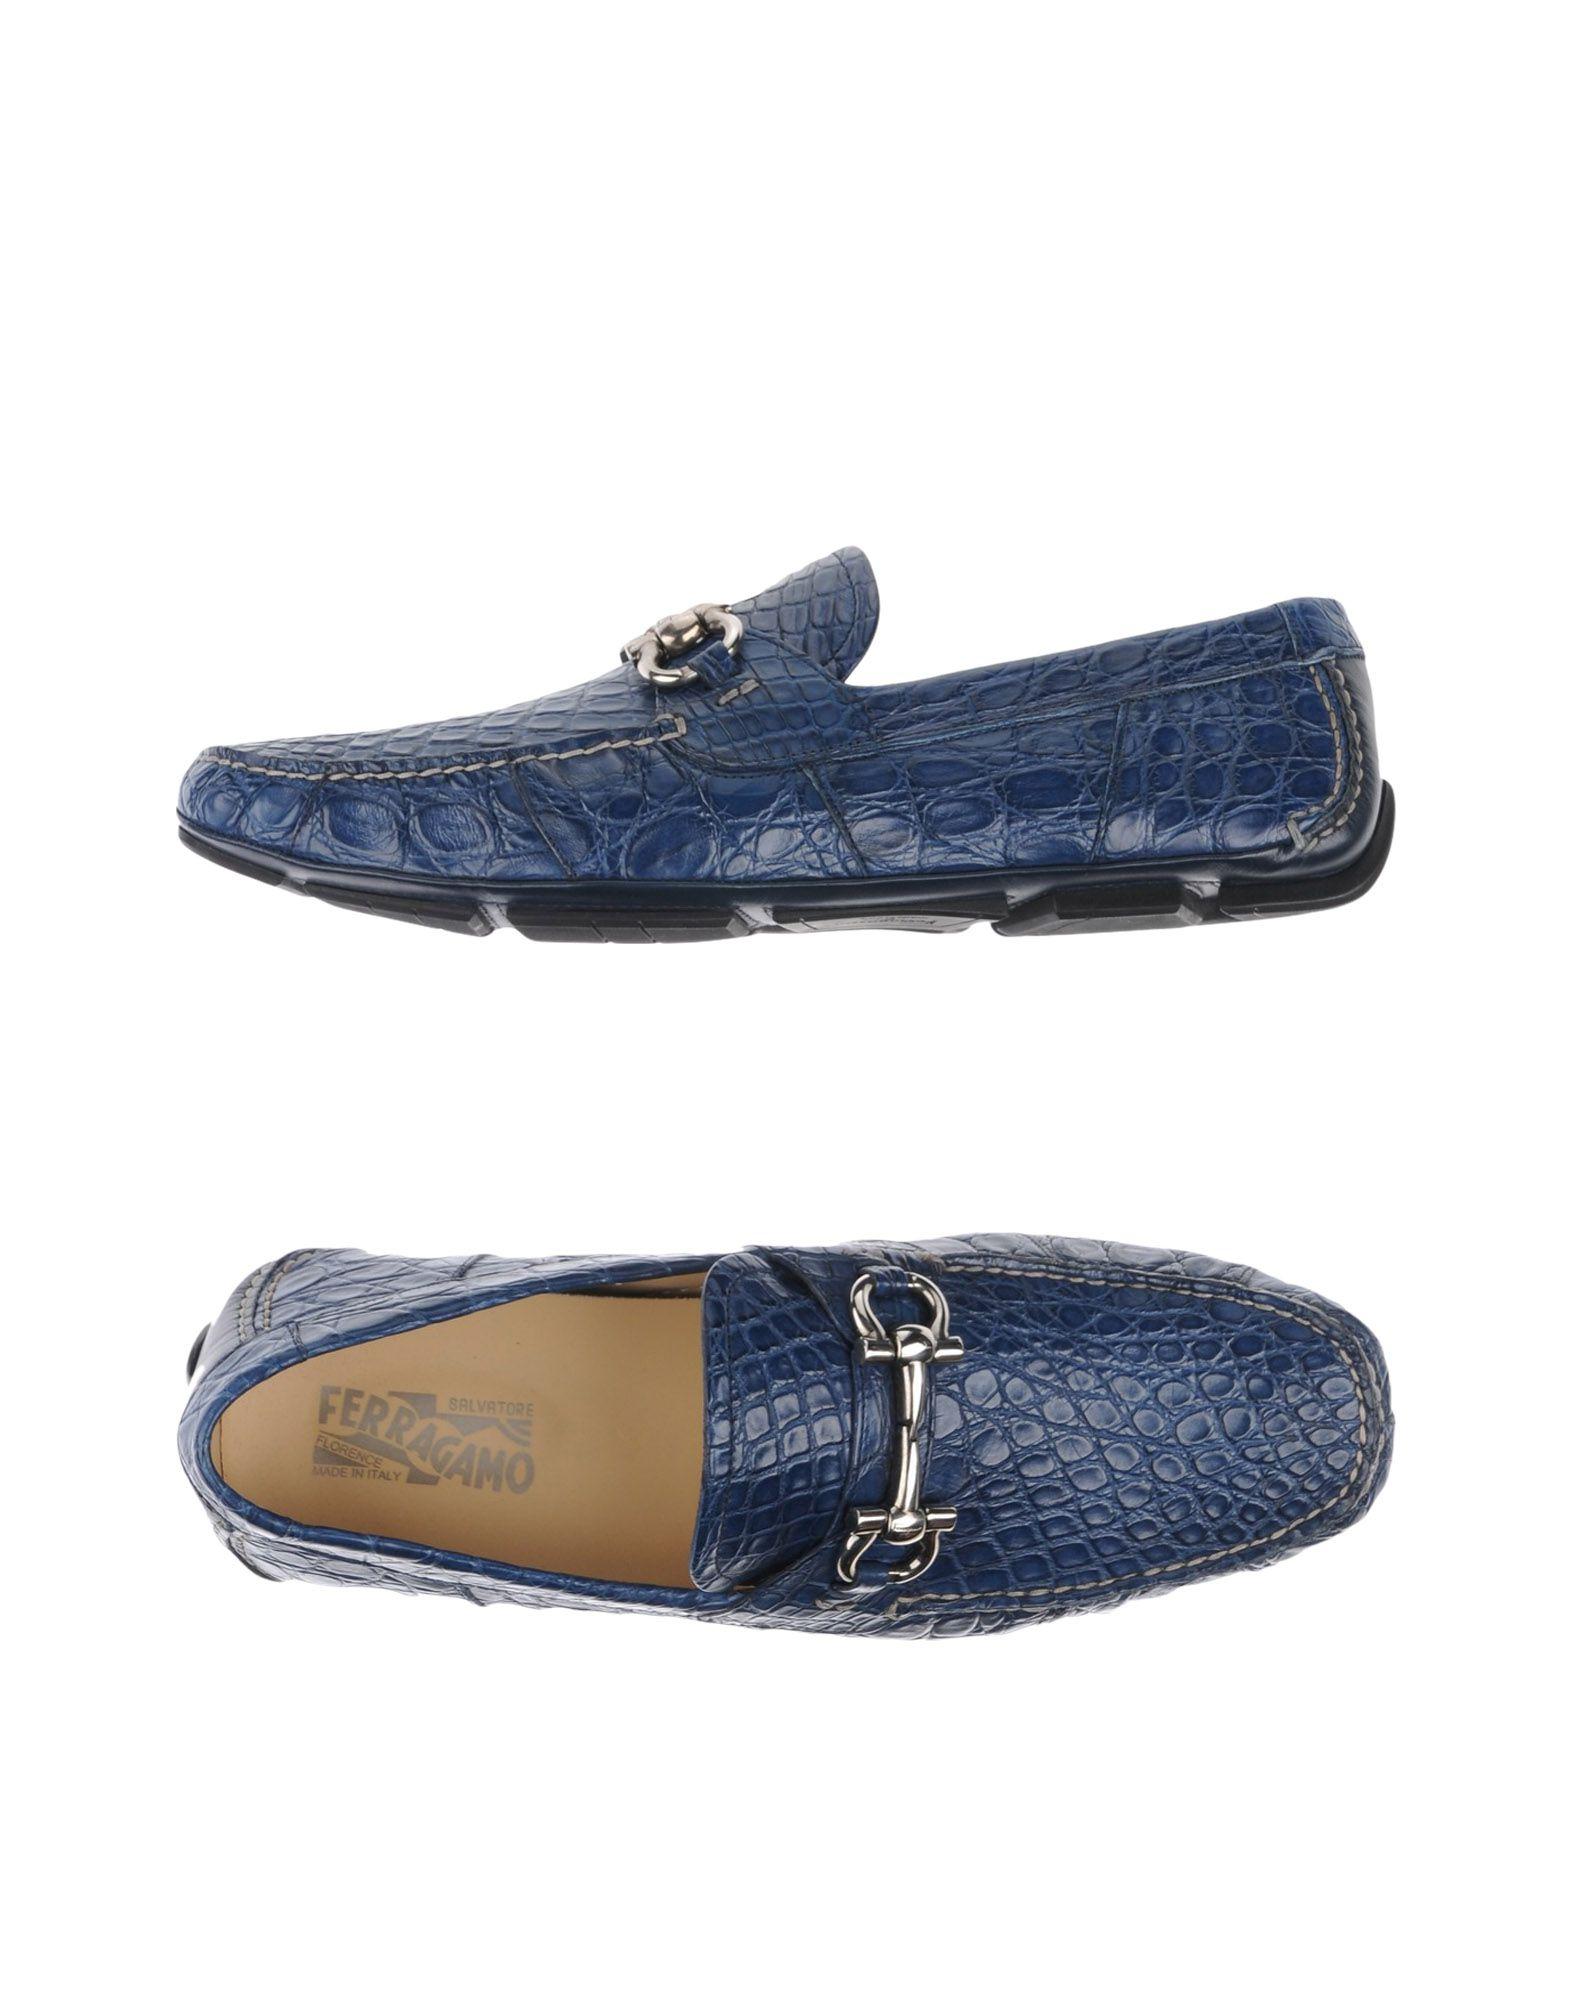 Salvatore Ferragamo Mokassins Qualität Herren  11269448BV Gute Qualität Mokassins beliebte Schuhe 7951de